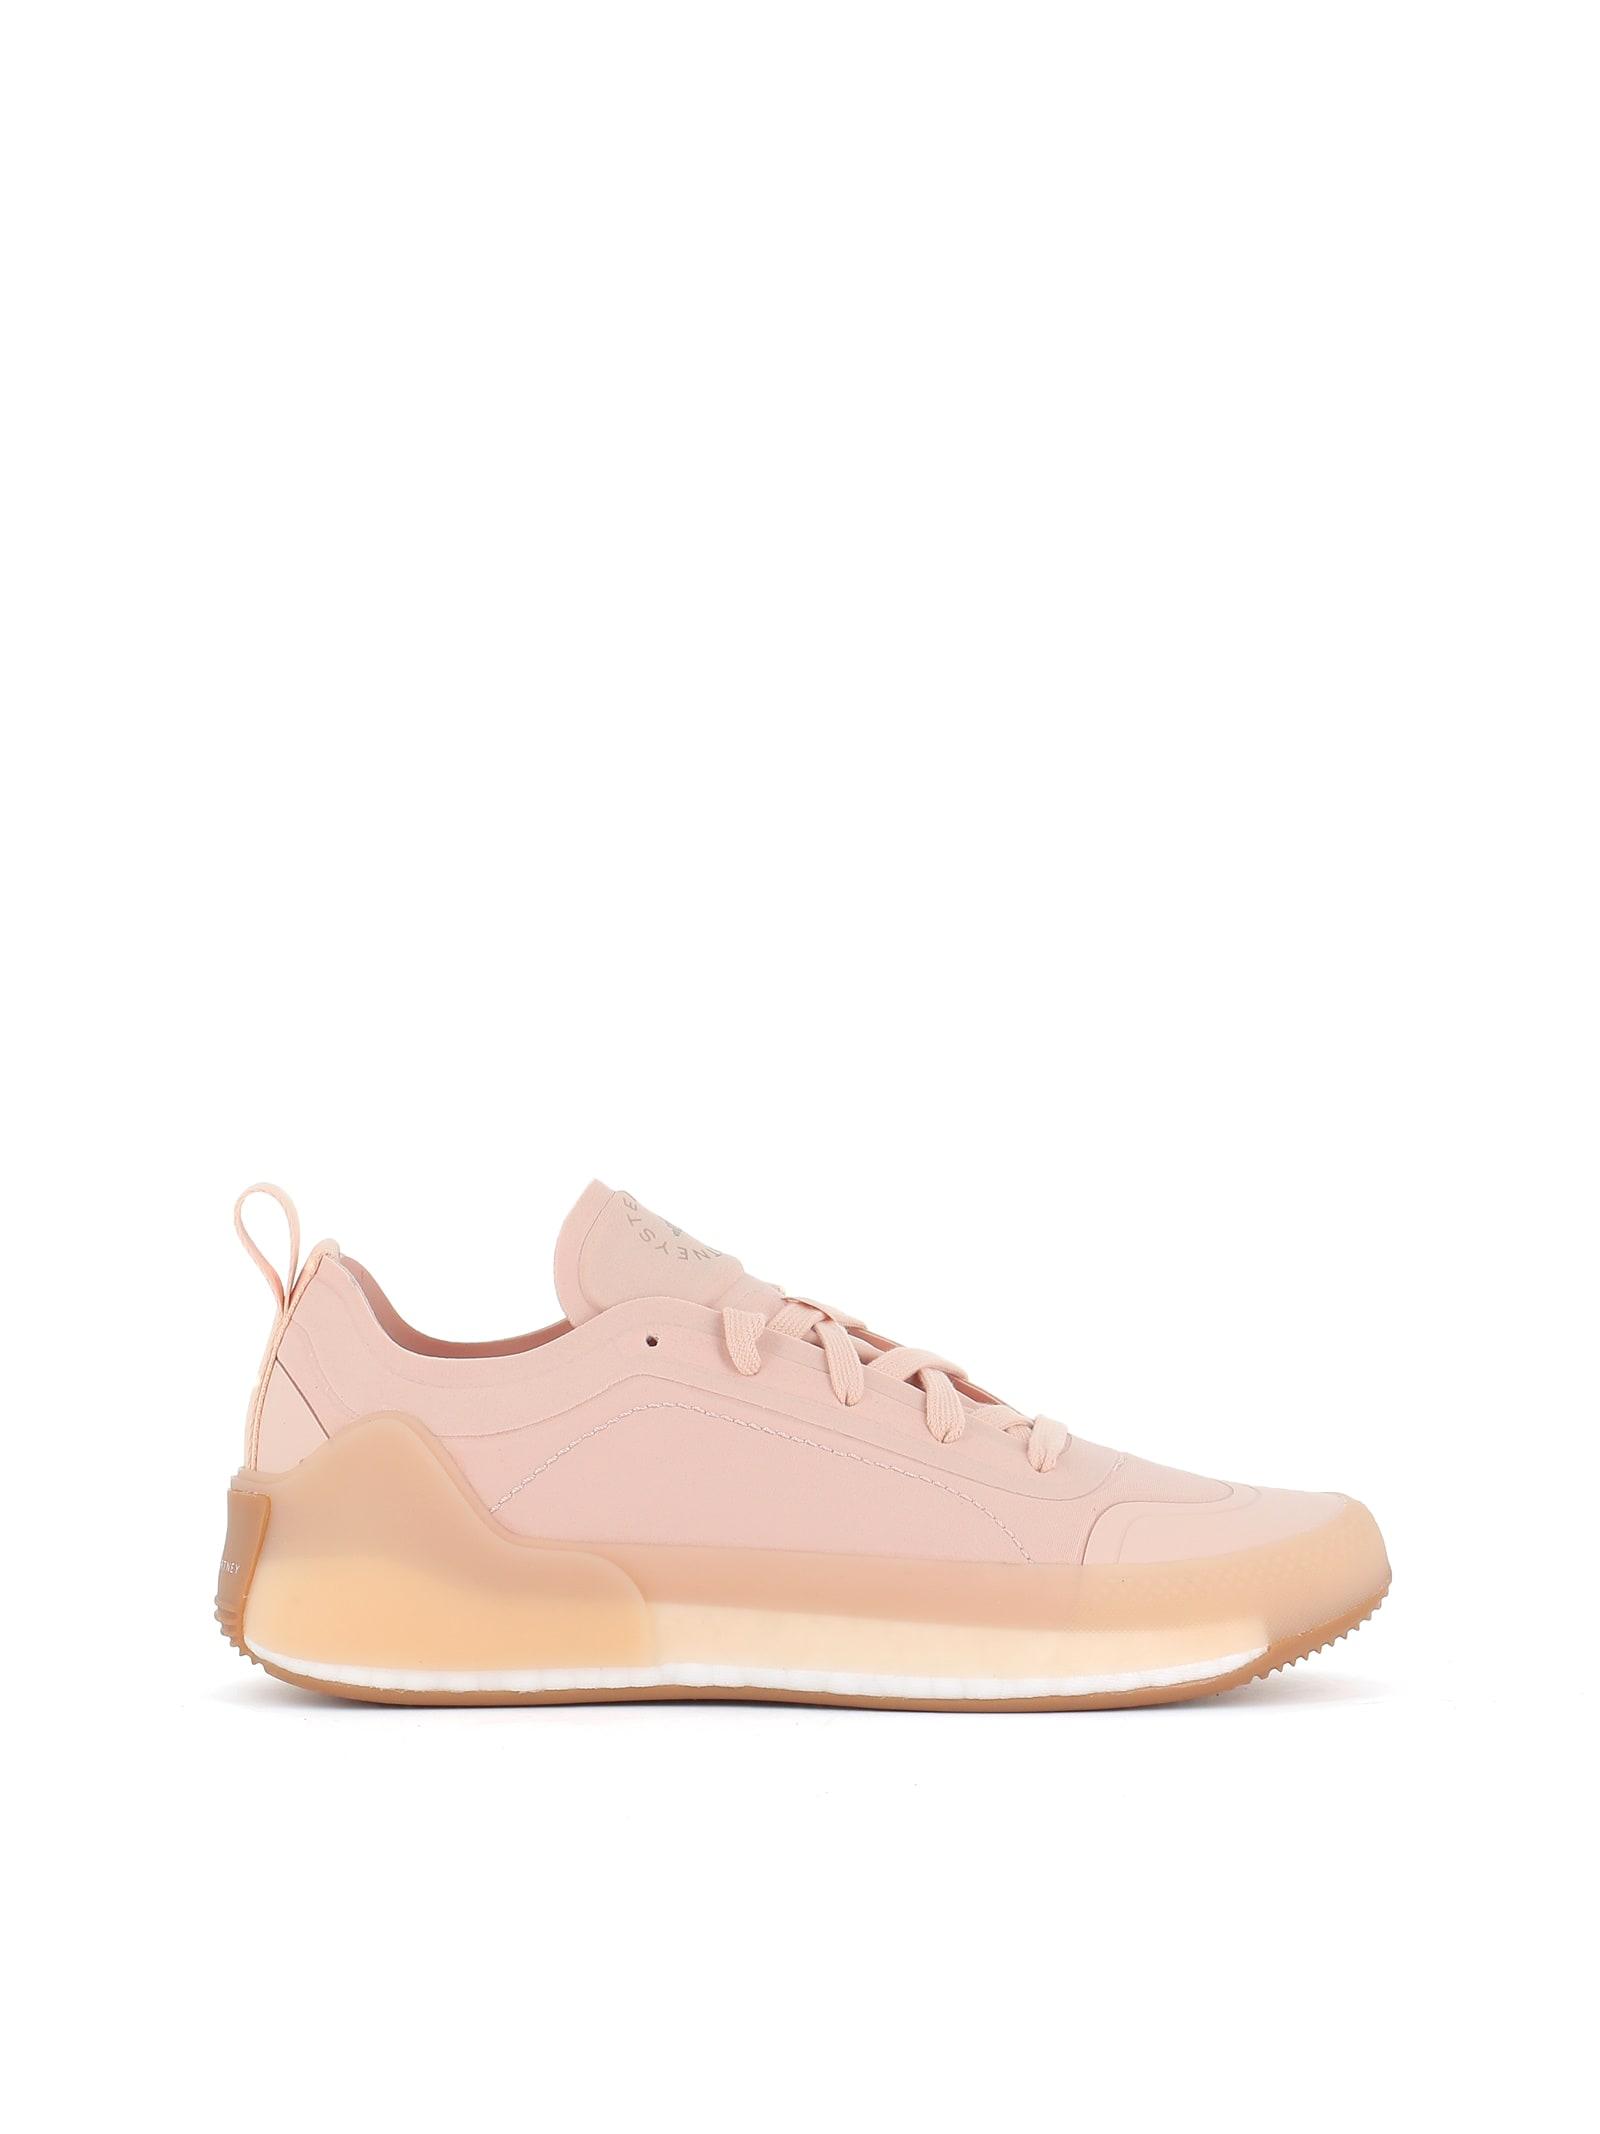 Adidas By Stella Mccartney ADIDAS BY STELLA MCCARTNEY ADIDAS BY STELLA MCCARTNEY SNEAKER TREINO